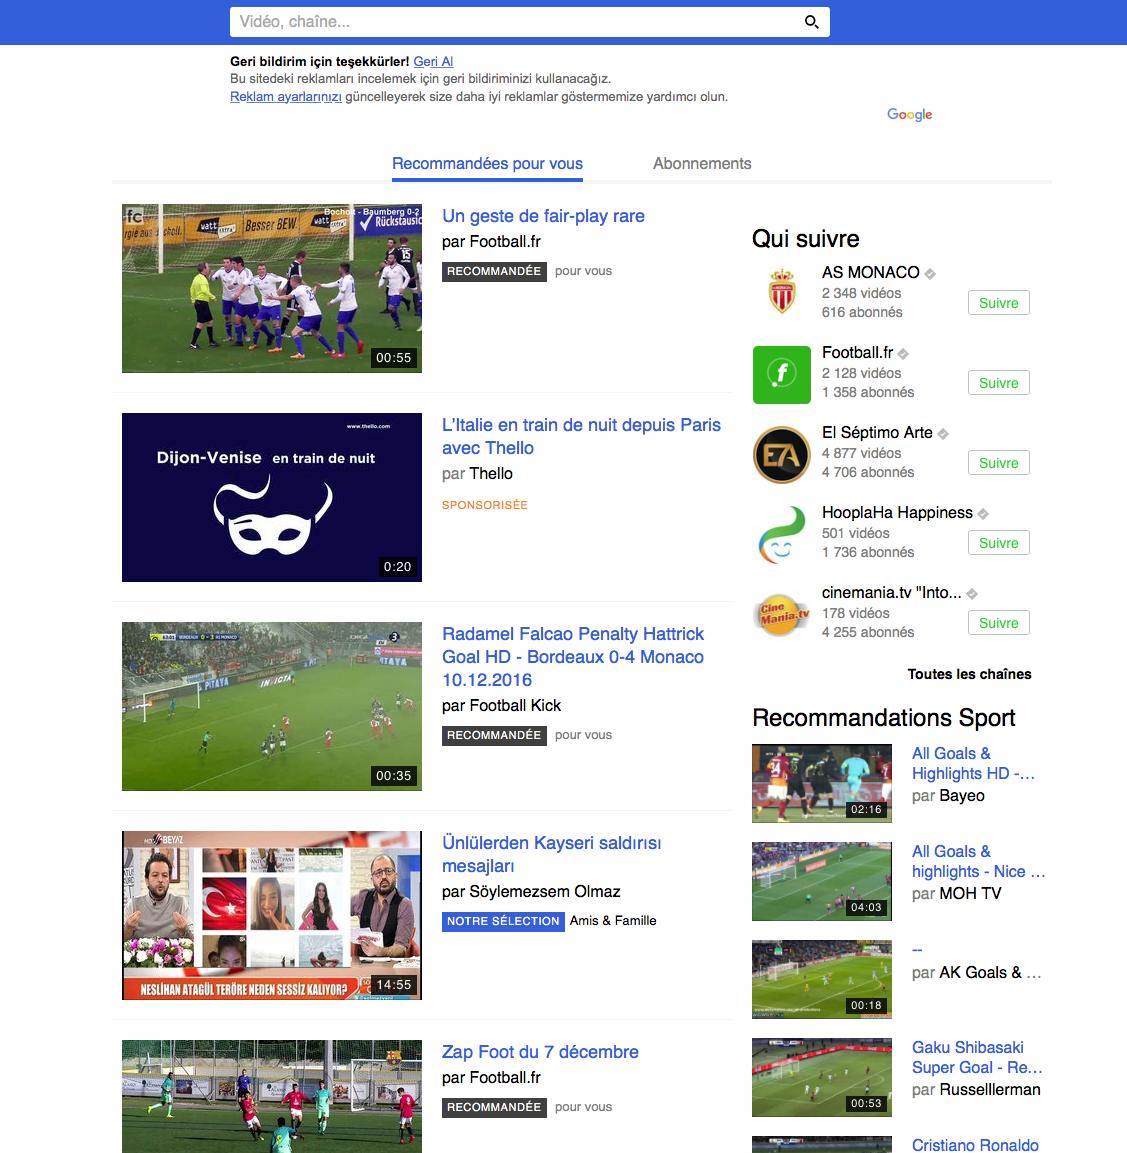 Traduction en turc de l'interface du site Internet Dailymotion